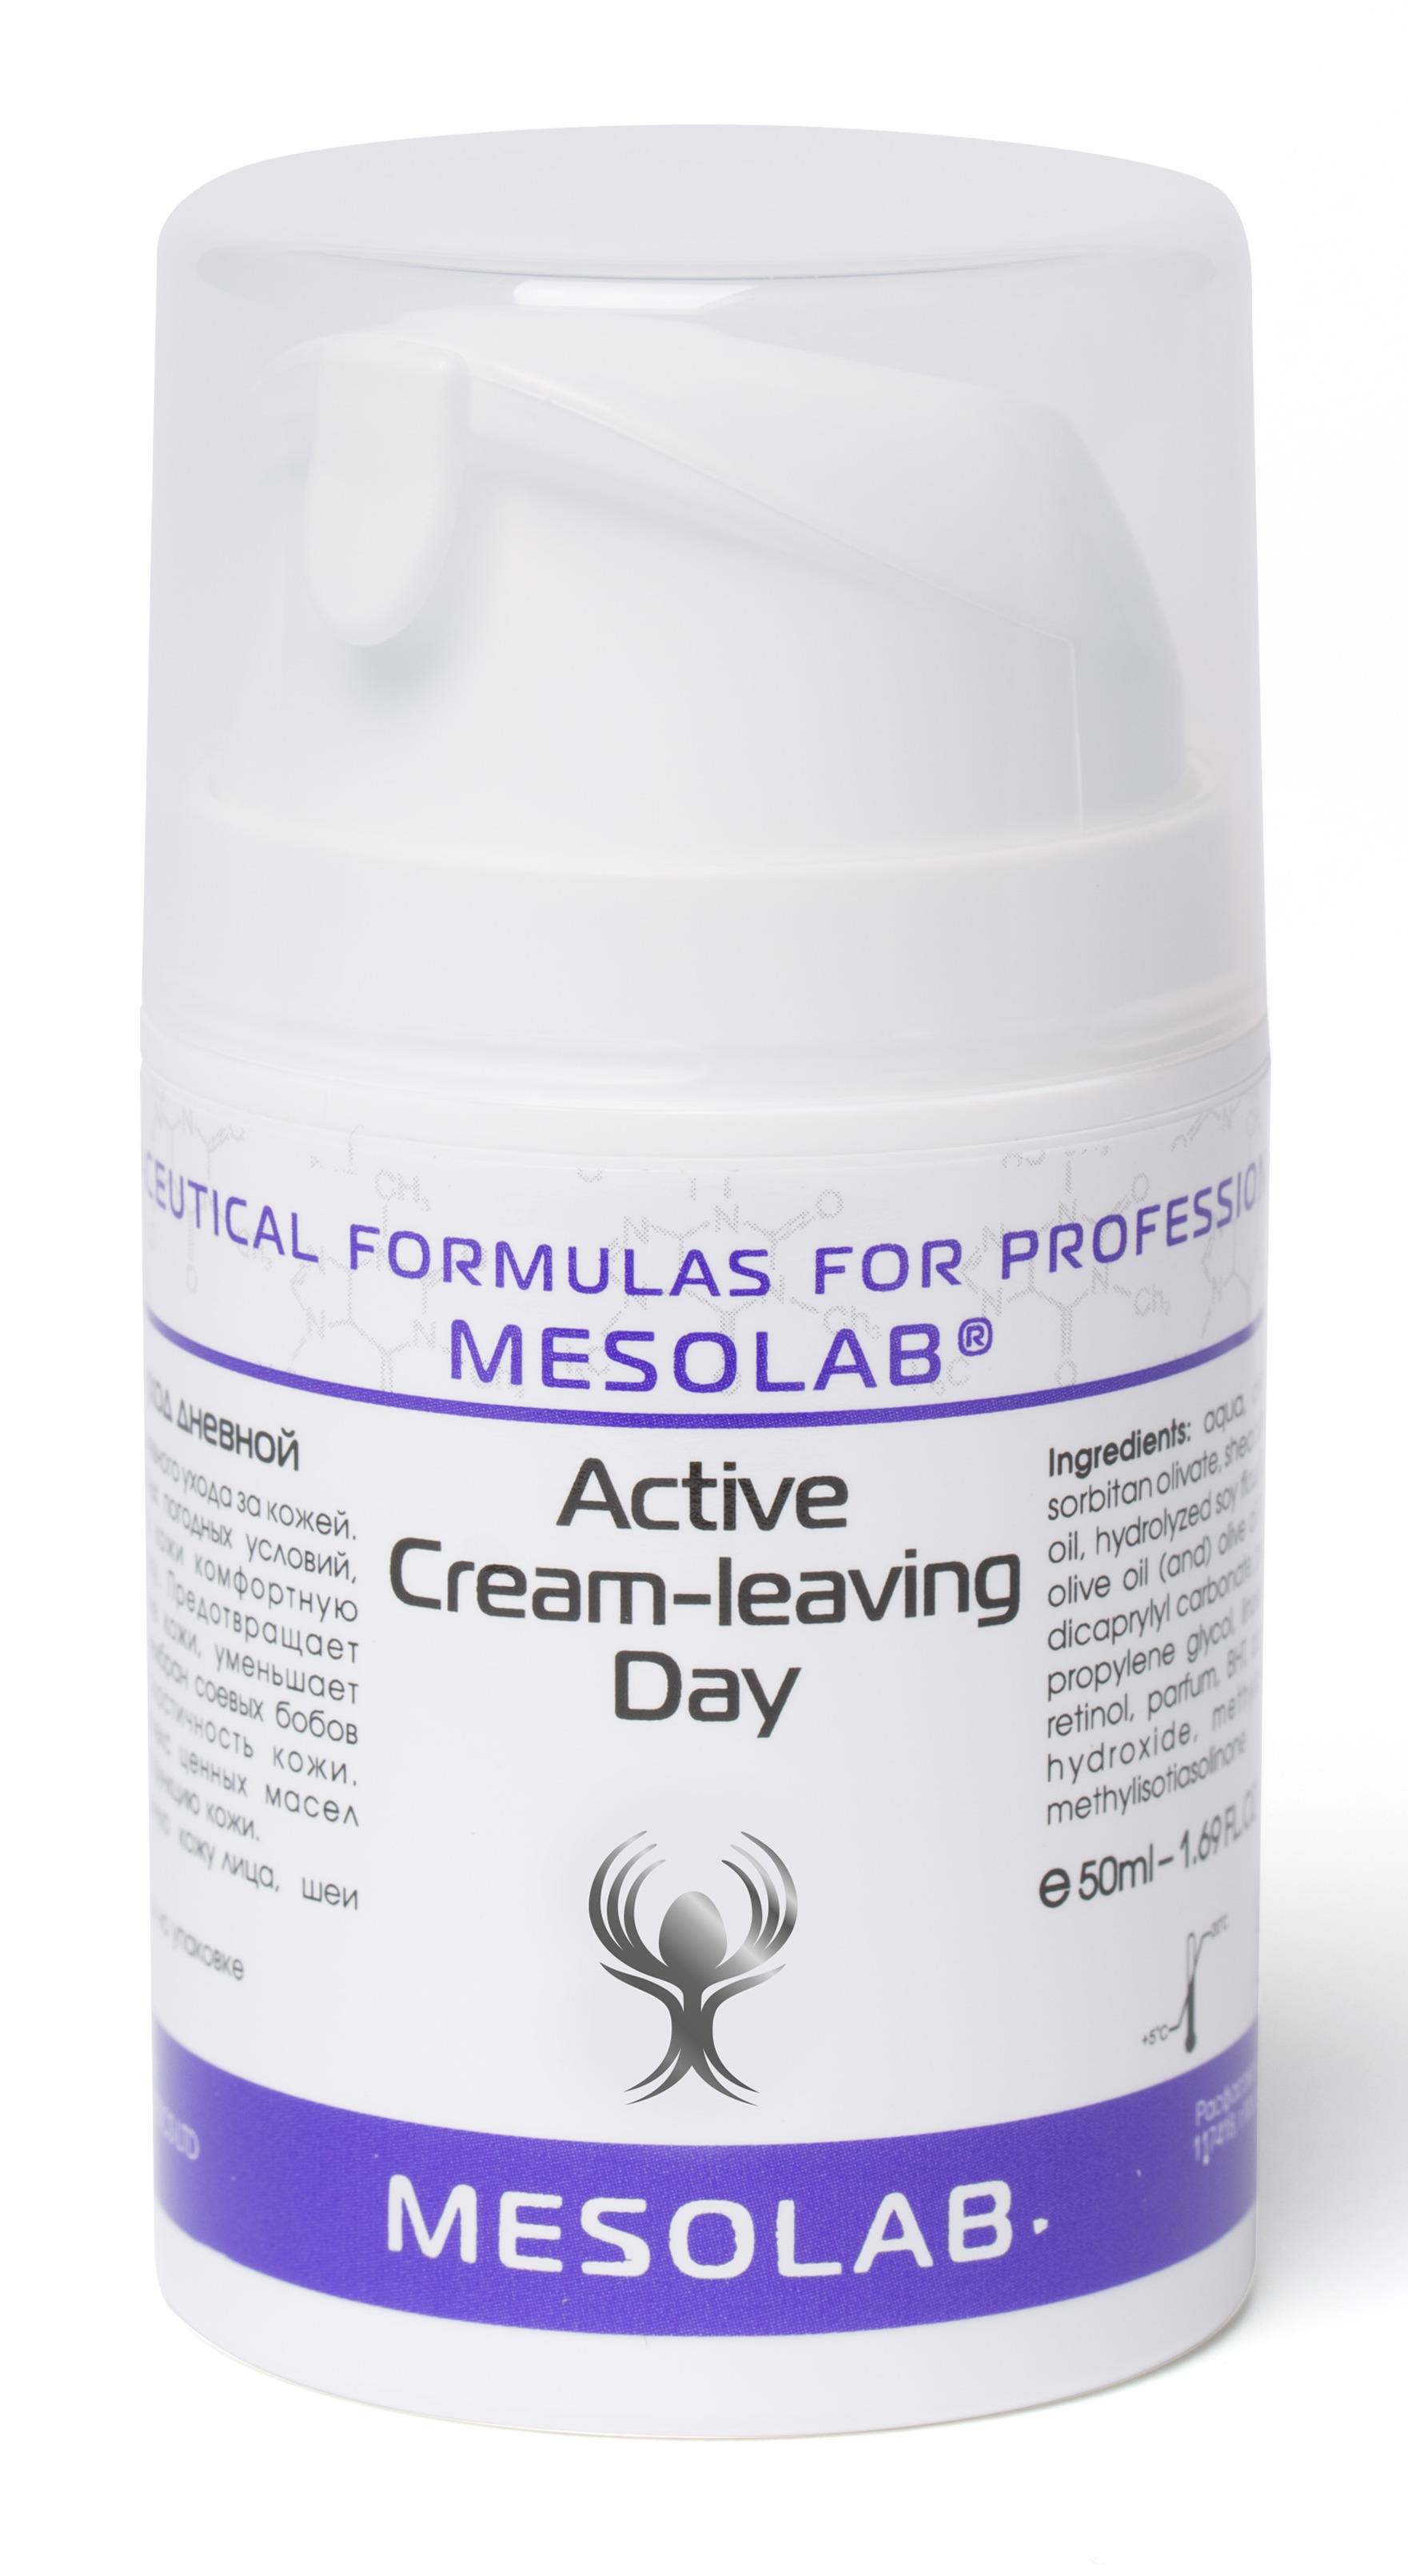 MESOLAB Крем-уход активный дневной / ACTIVE CREAM-LEAVING DAY 50 мл -  Кремы